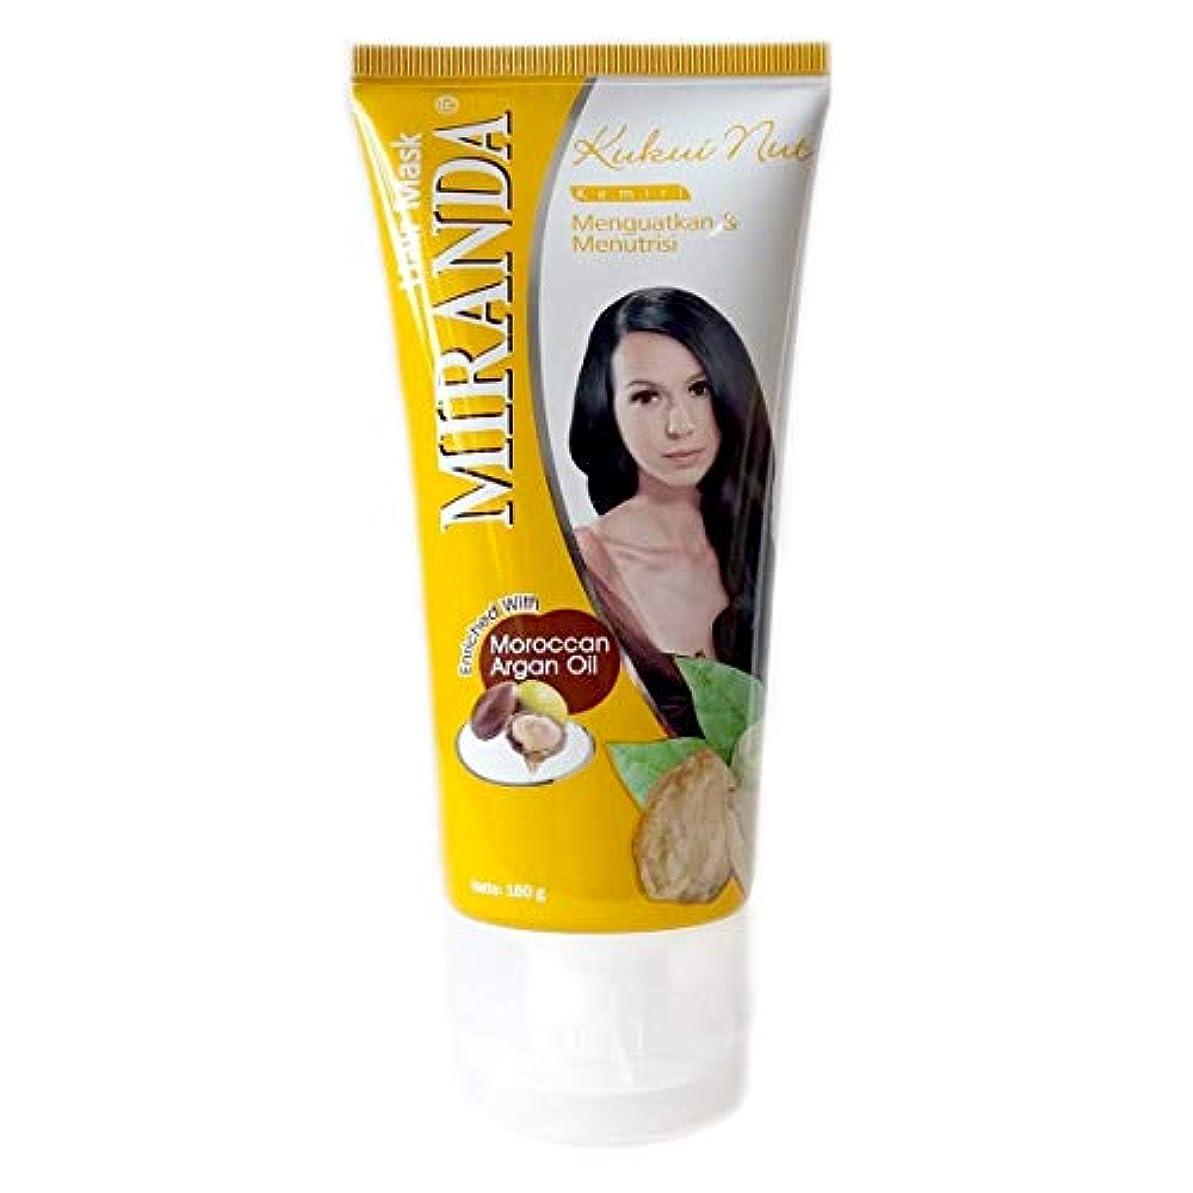 スクラップブック洗剤これらMIRANDA ミランダ Hair Mask ヘアマスク モロッカンアルガンオイル主成分のヘアトリートメント 160g Kukui nut クミリ [海外直送品]